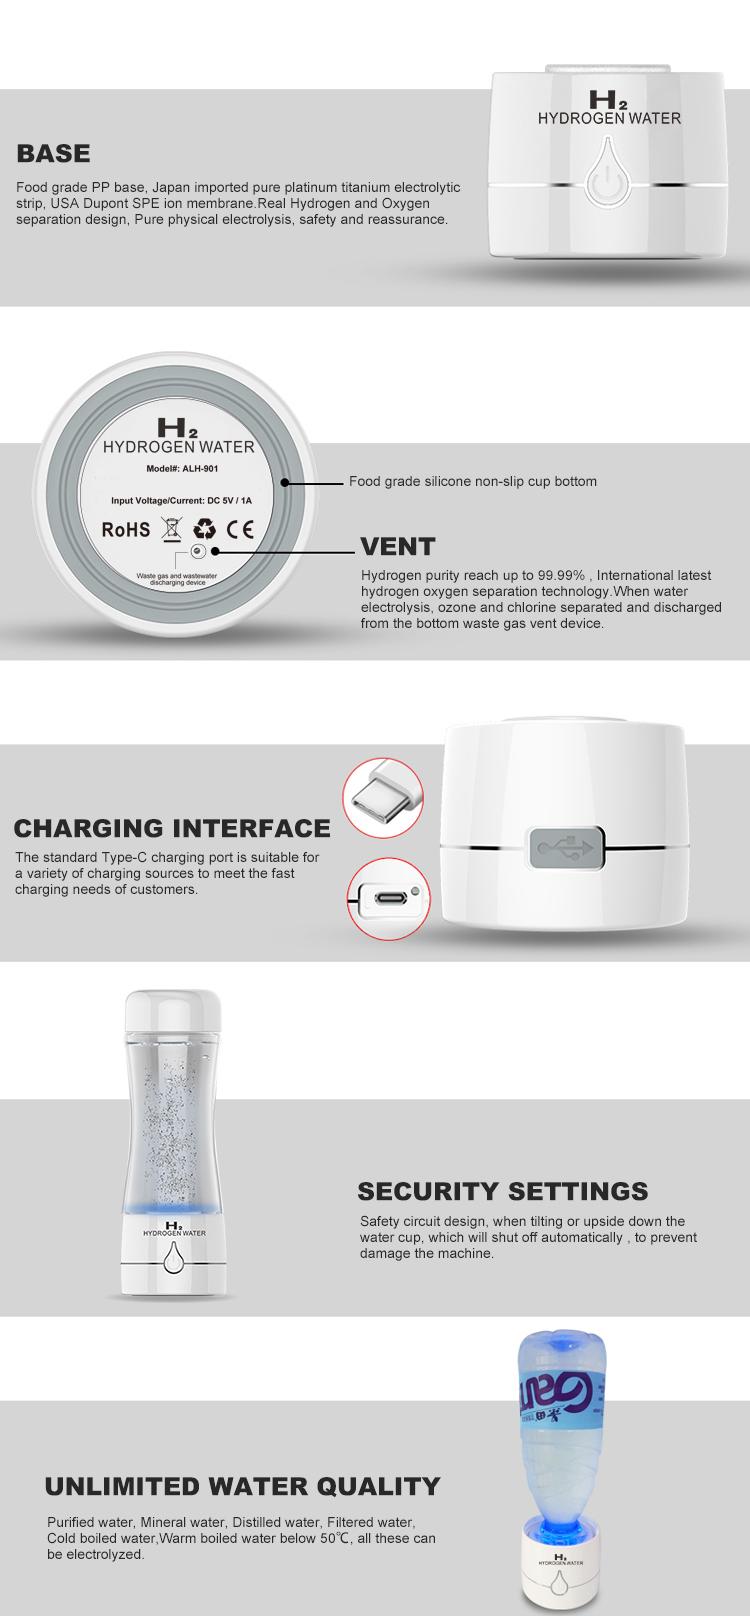 高品質日本 SPE 技術ポータブル水素水イオナイザー純粋なアルカリ水素水